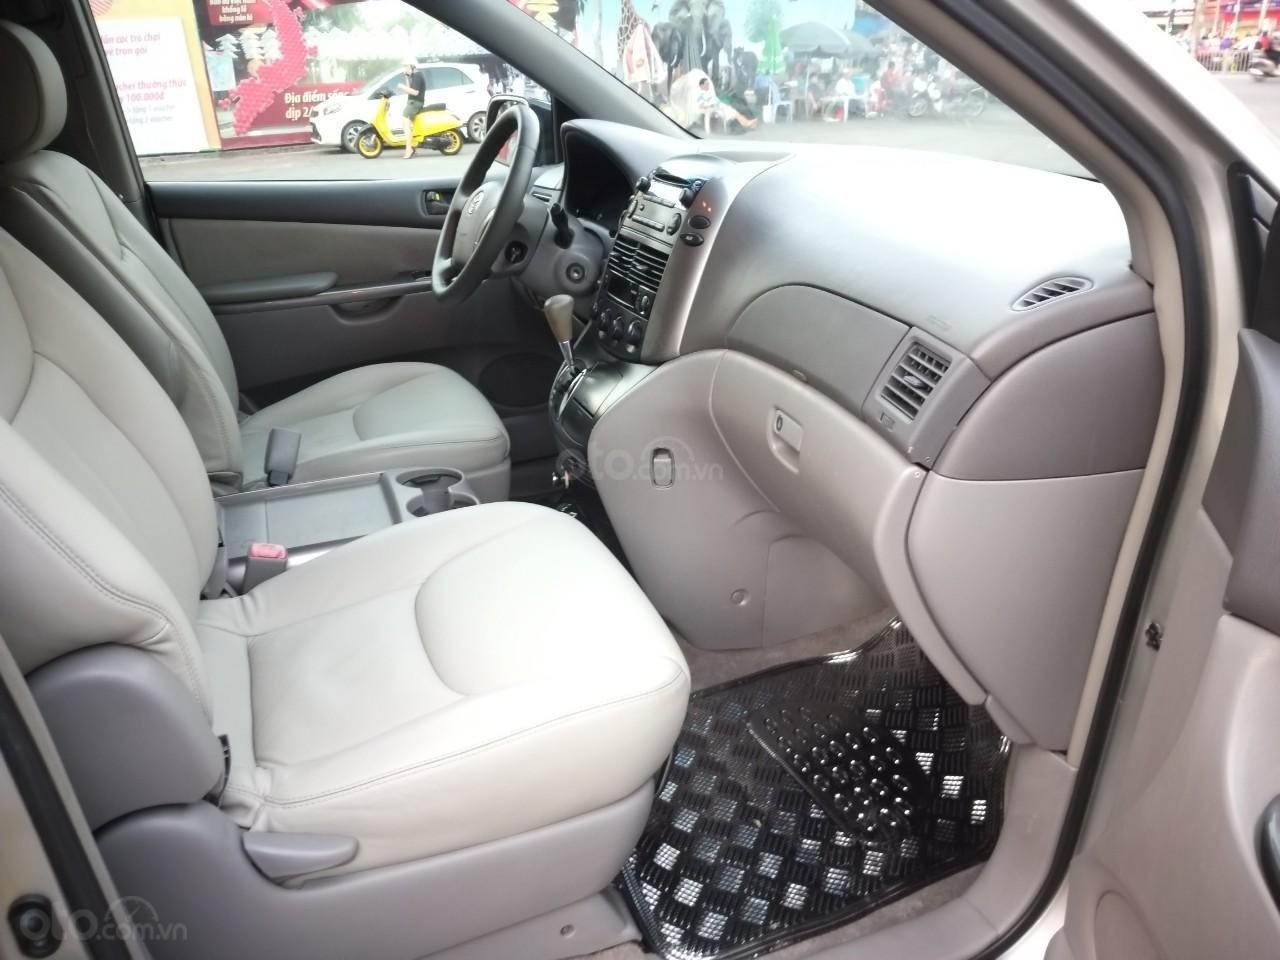 Toyota Sienna LE model 2008, xe nhà ít chạy còn rất mới, mới không đối thủ, toàn bộ còn zin theo xe (9)